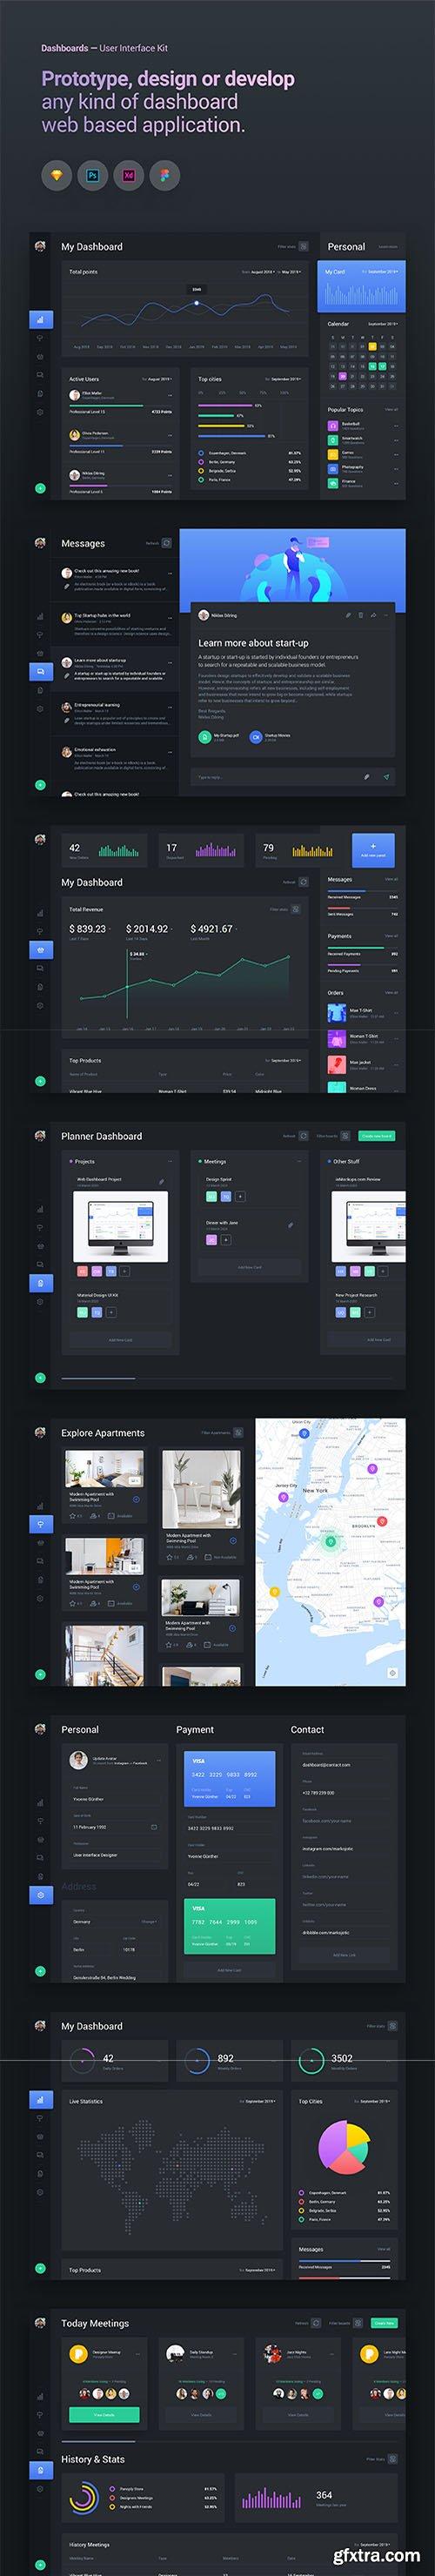 Web Dashboard & Statistics UI Kit